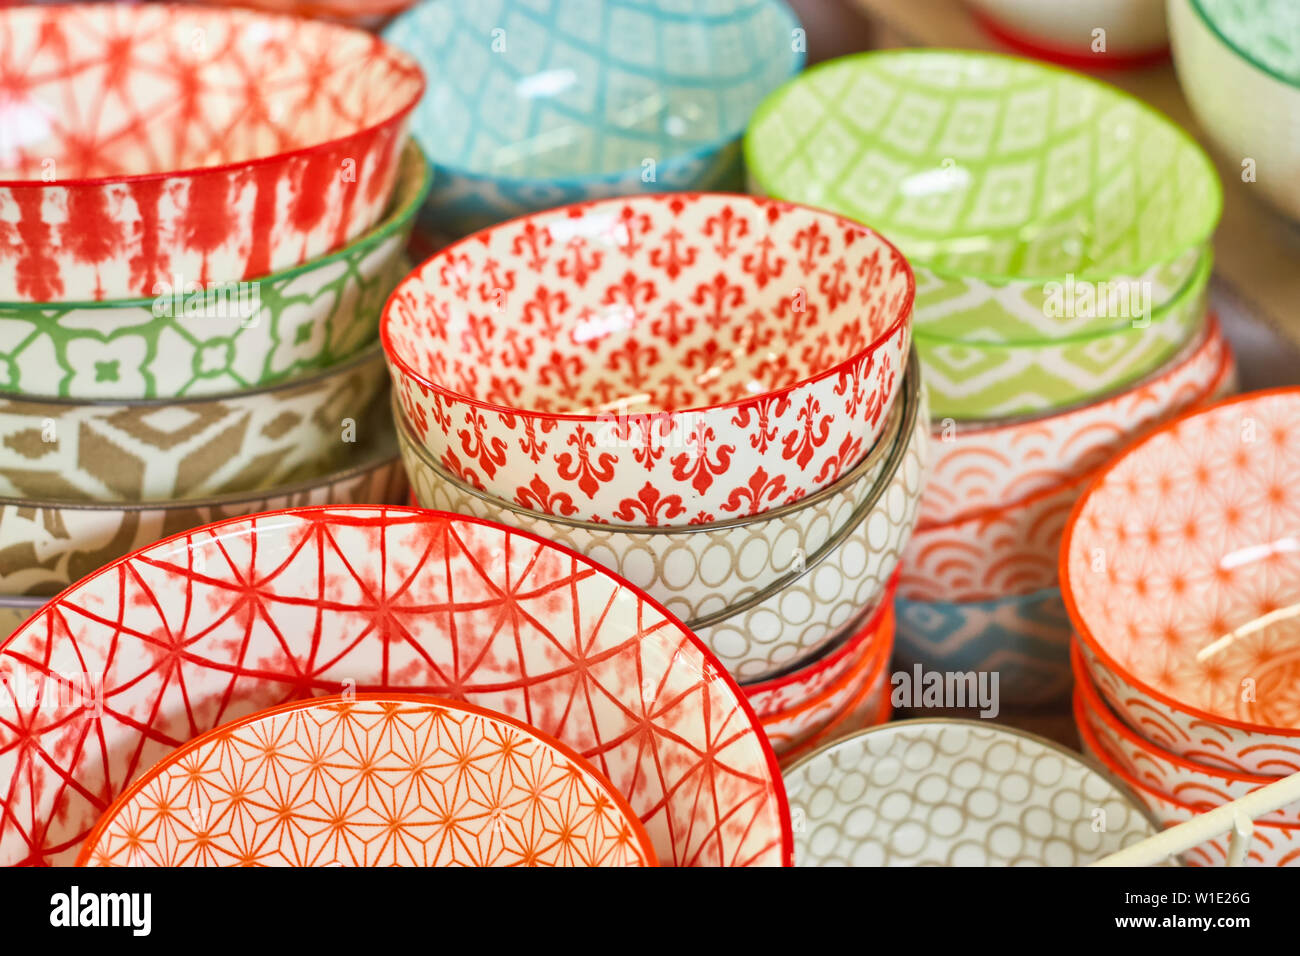 Groupe des bols de céramique dans le magasin. Plats avec différentes modèles colorés. Banque D'Images